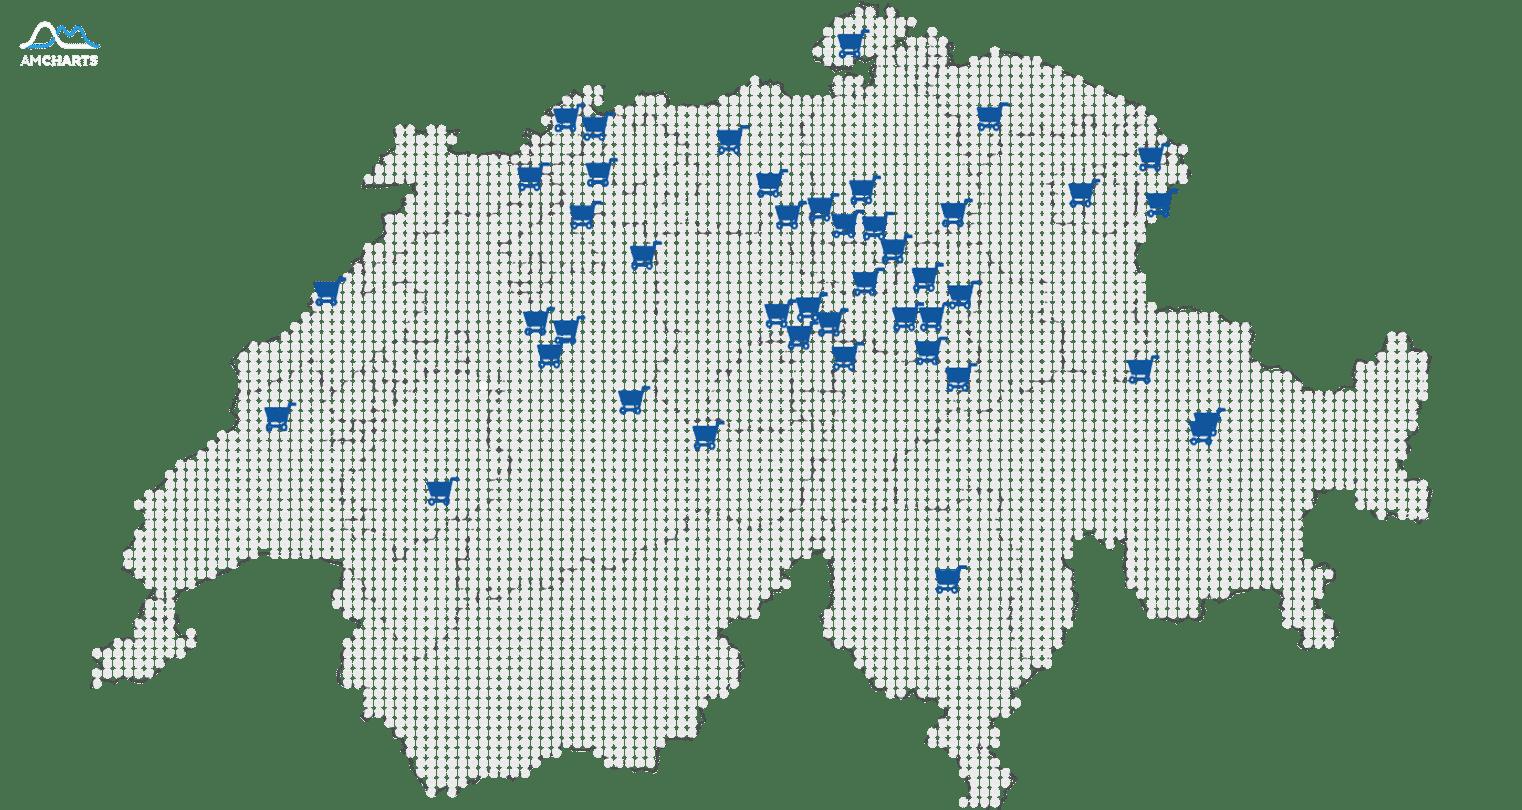 CH map eshop-itsolutions online-shops live by pixelmap amcharts.com